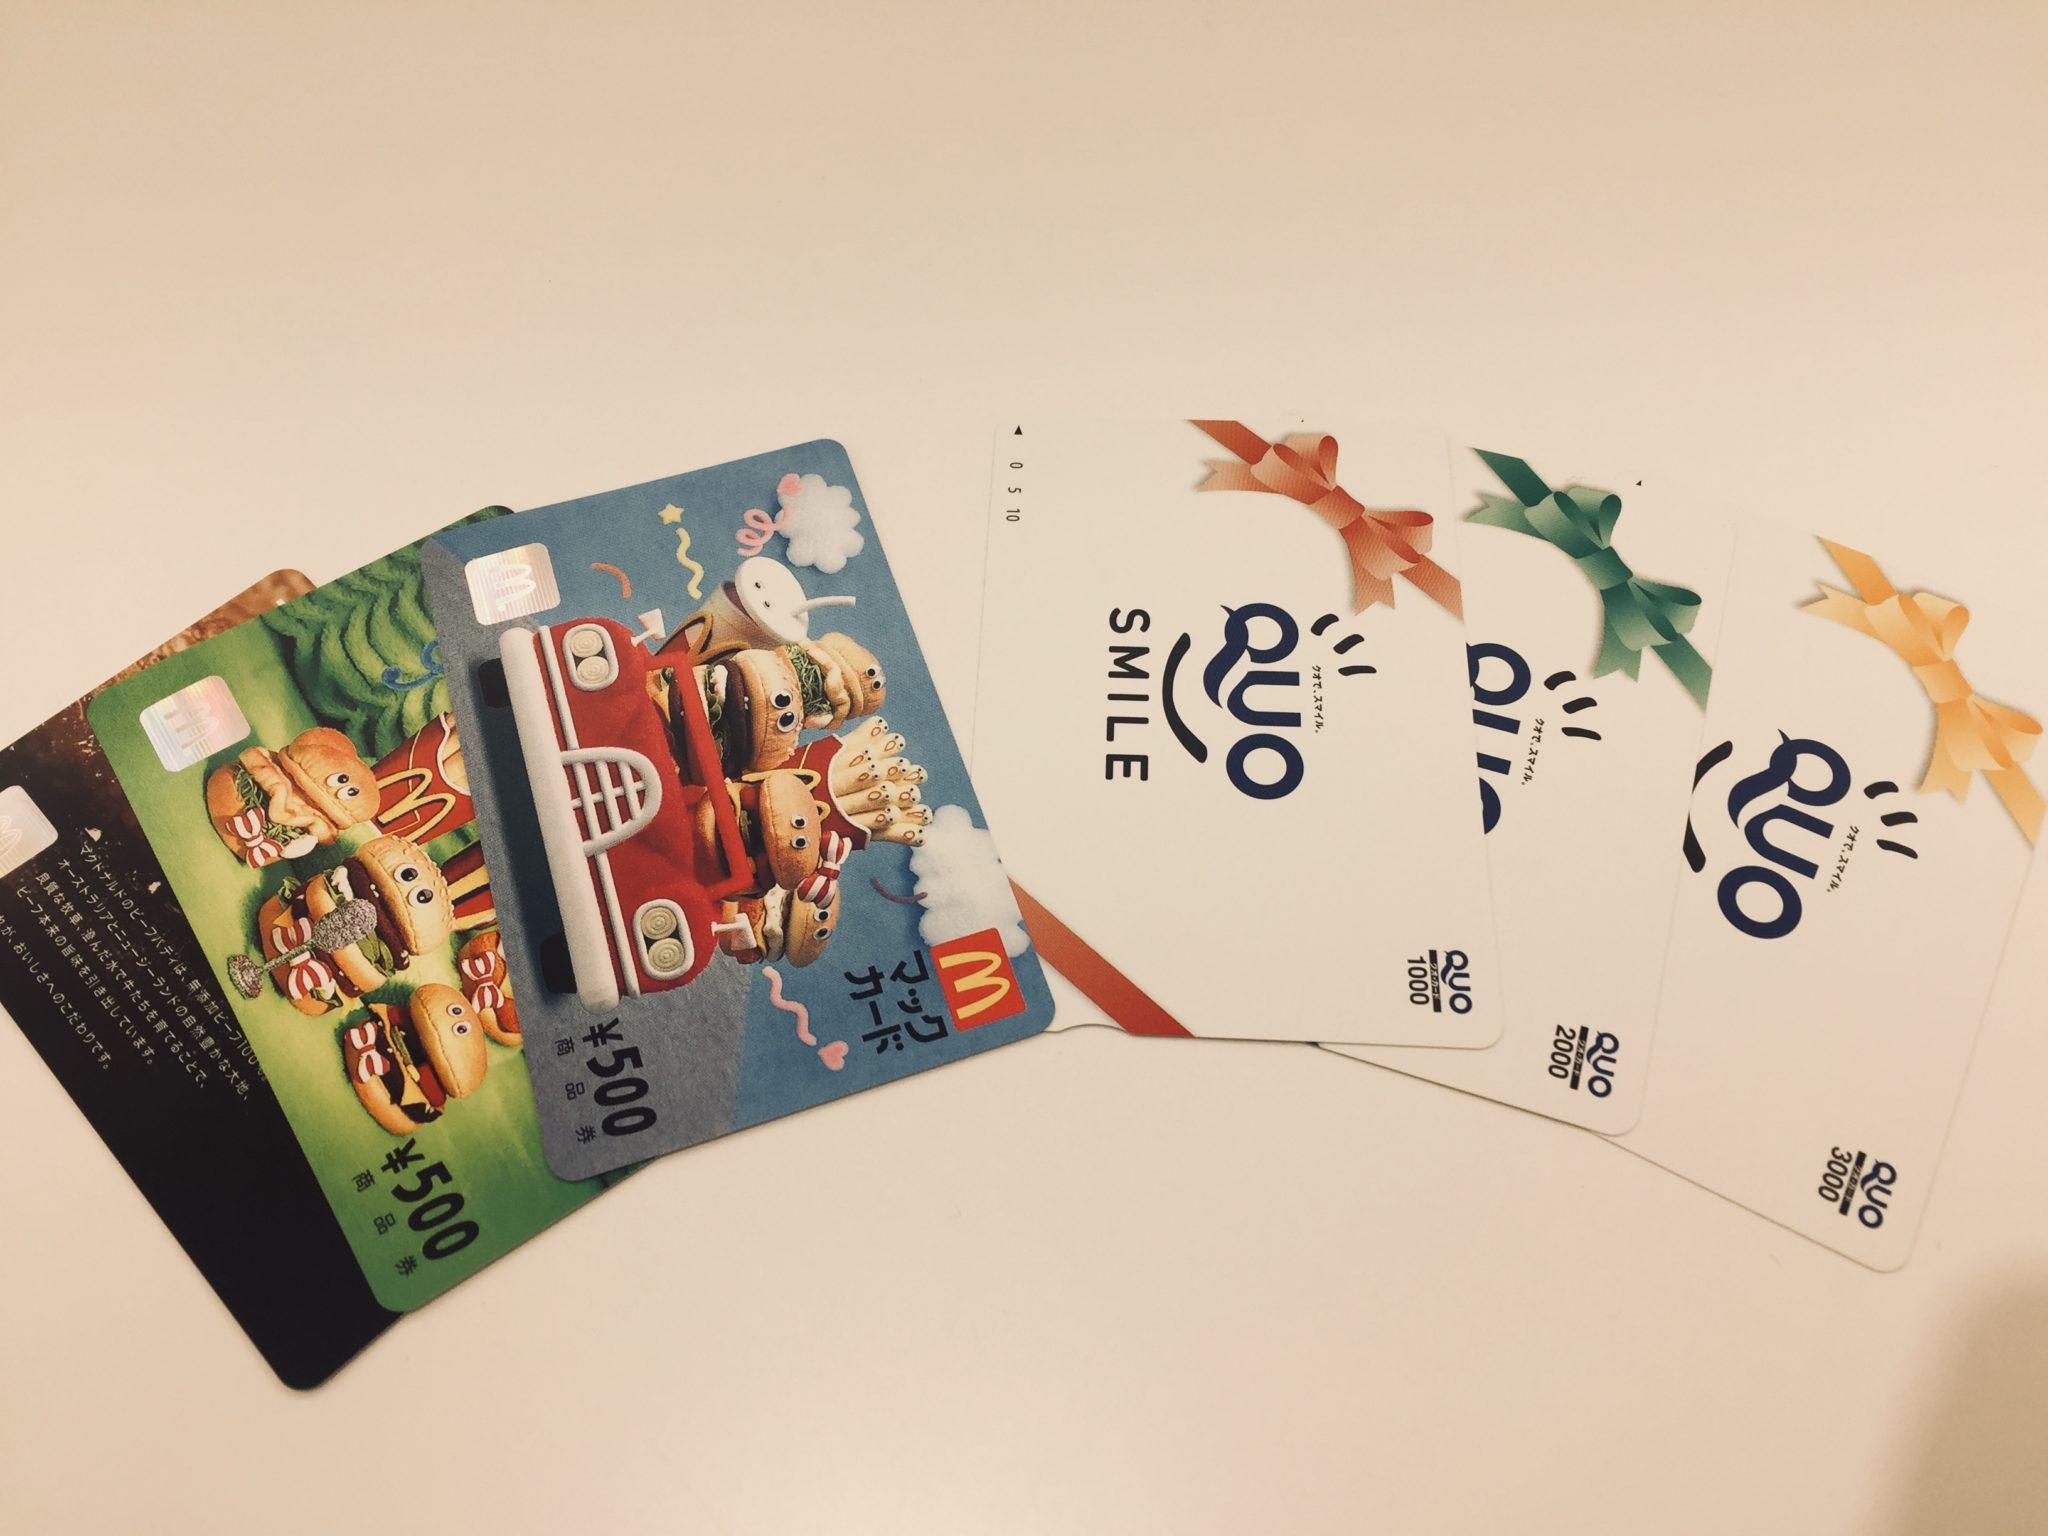 【盛岡 金券 販売】マックカード500円 クオカード各種